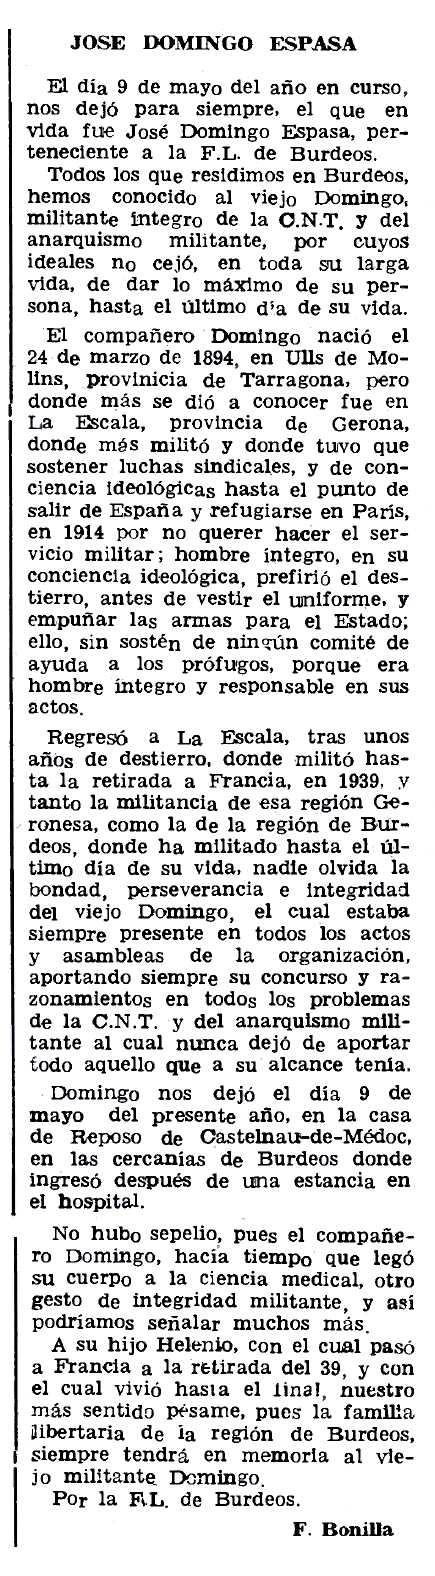 """Necrològica de Josep Domingo Espasa apareguda en el periòdic parisenc """"Le Combat Syndicaliste"""" del 2 de juliol de 1981"""